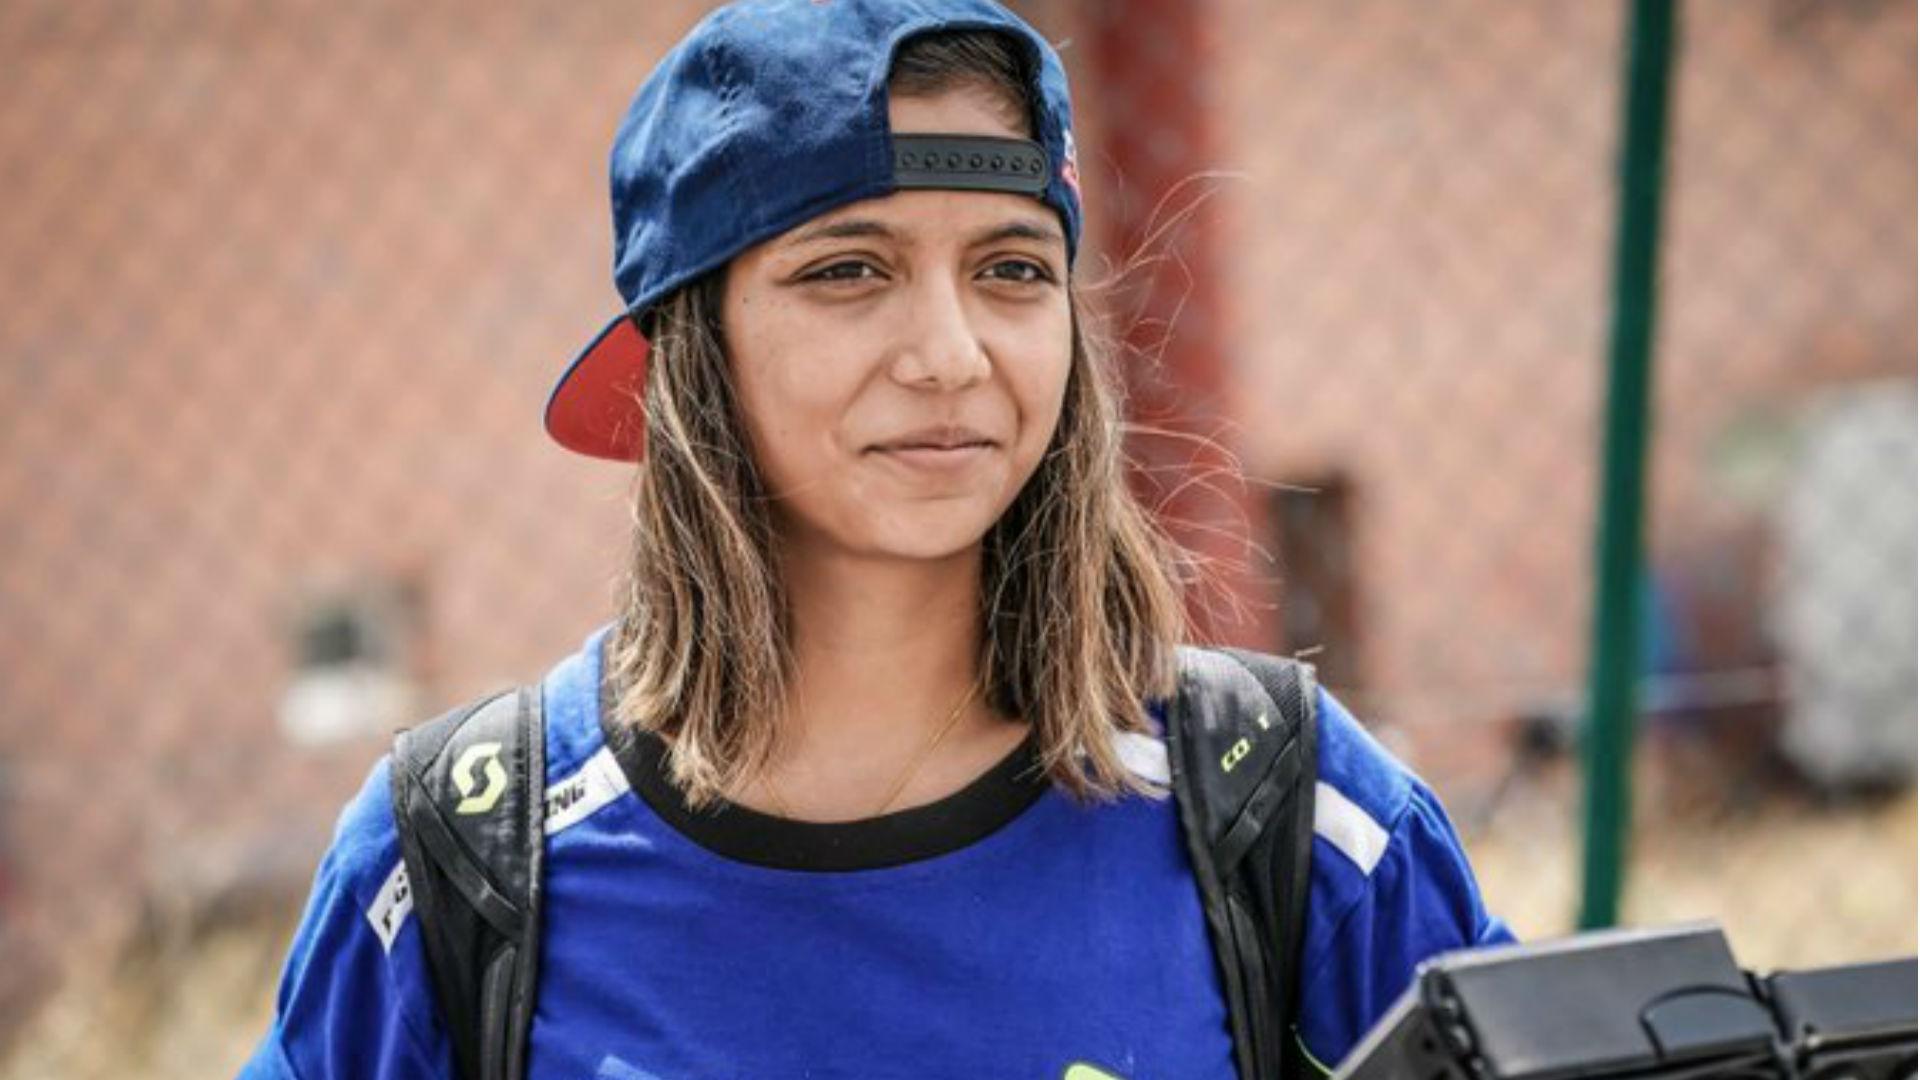 23 साल की ऐश्वर्या पिस्से ने जीता मोटरस्पोर्ट्स वर्ल्ड कप, बनीं इस खिताब को जीतने वाली पहली भारतीय महिला